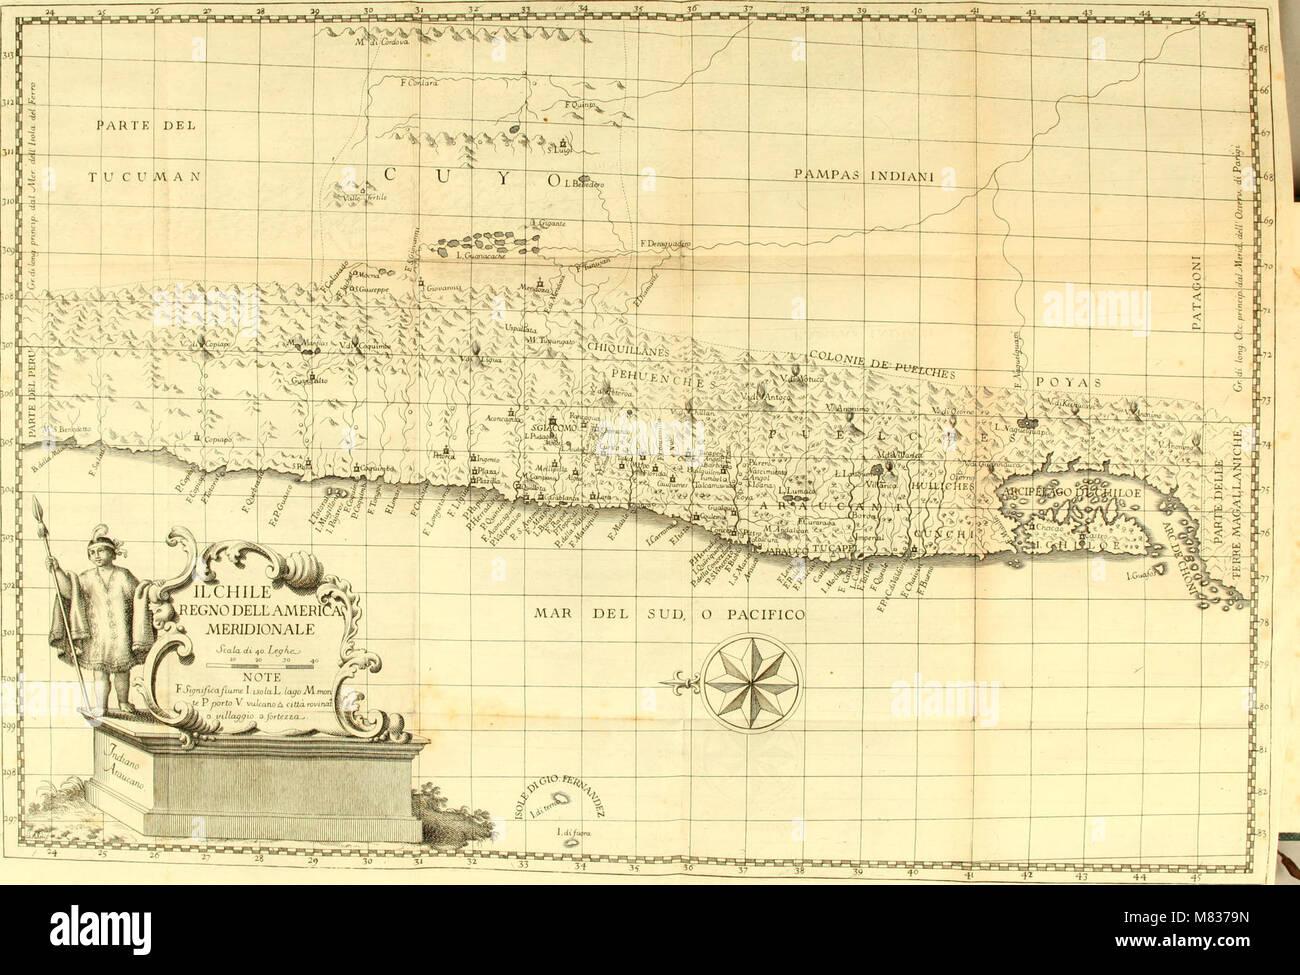 Compendio della storia geografica, naturale e civile del regno del Chile (1776) (20644608316) Foto de stock